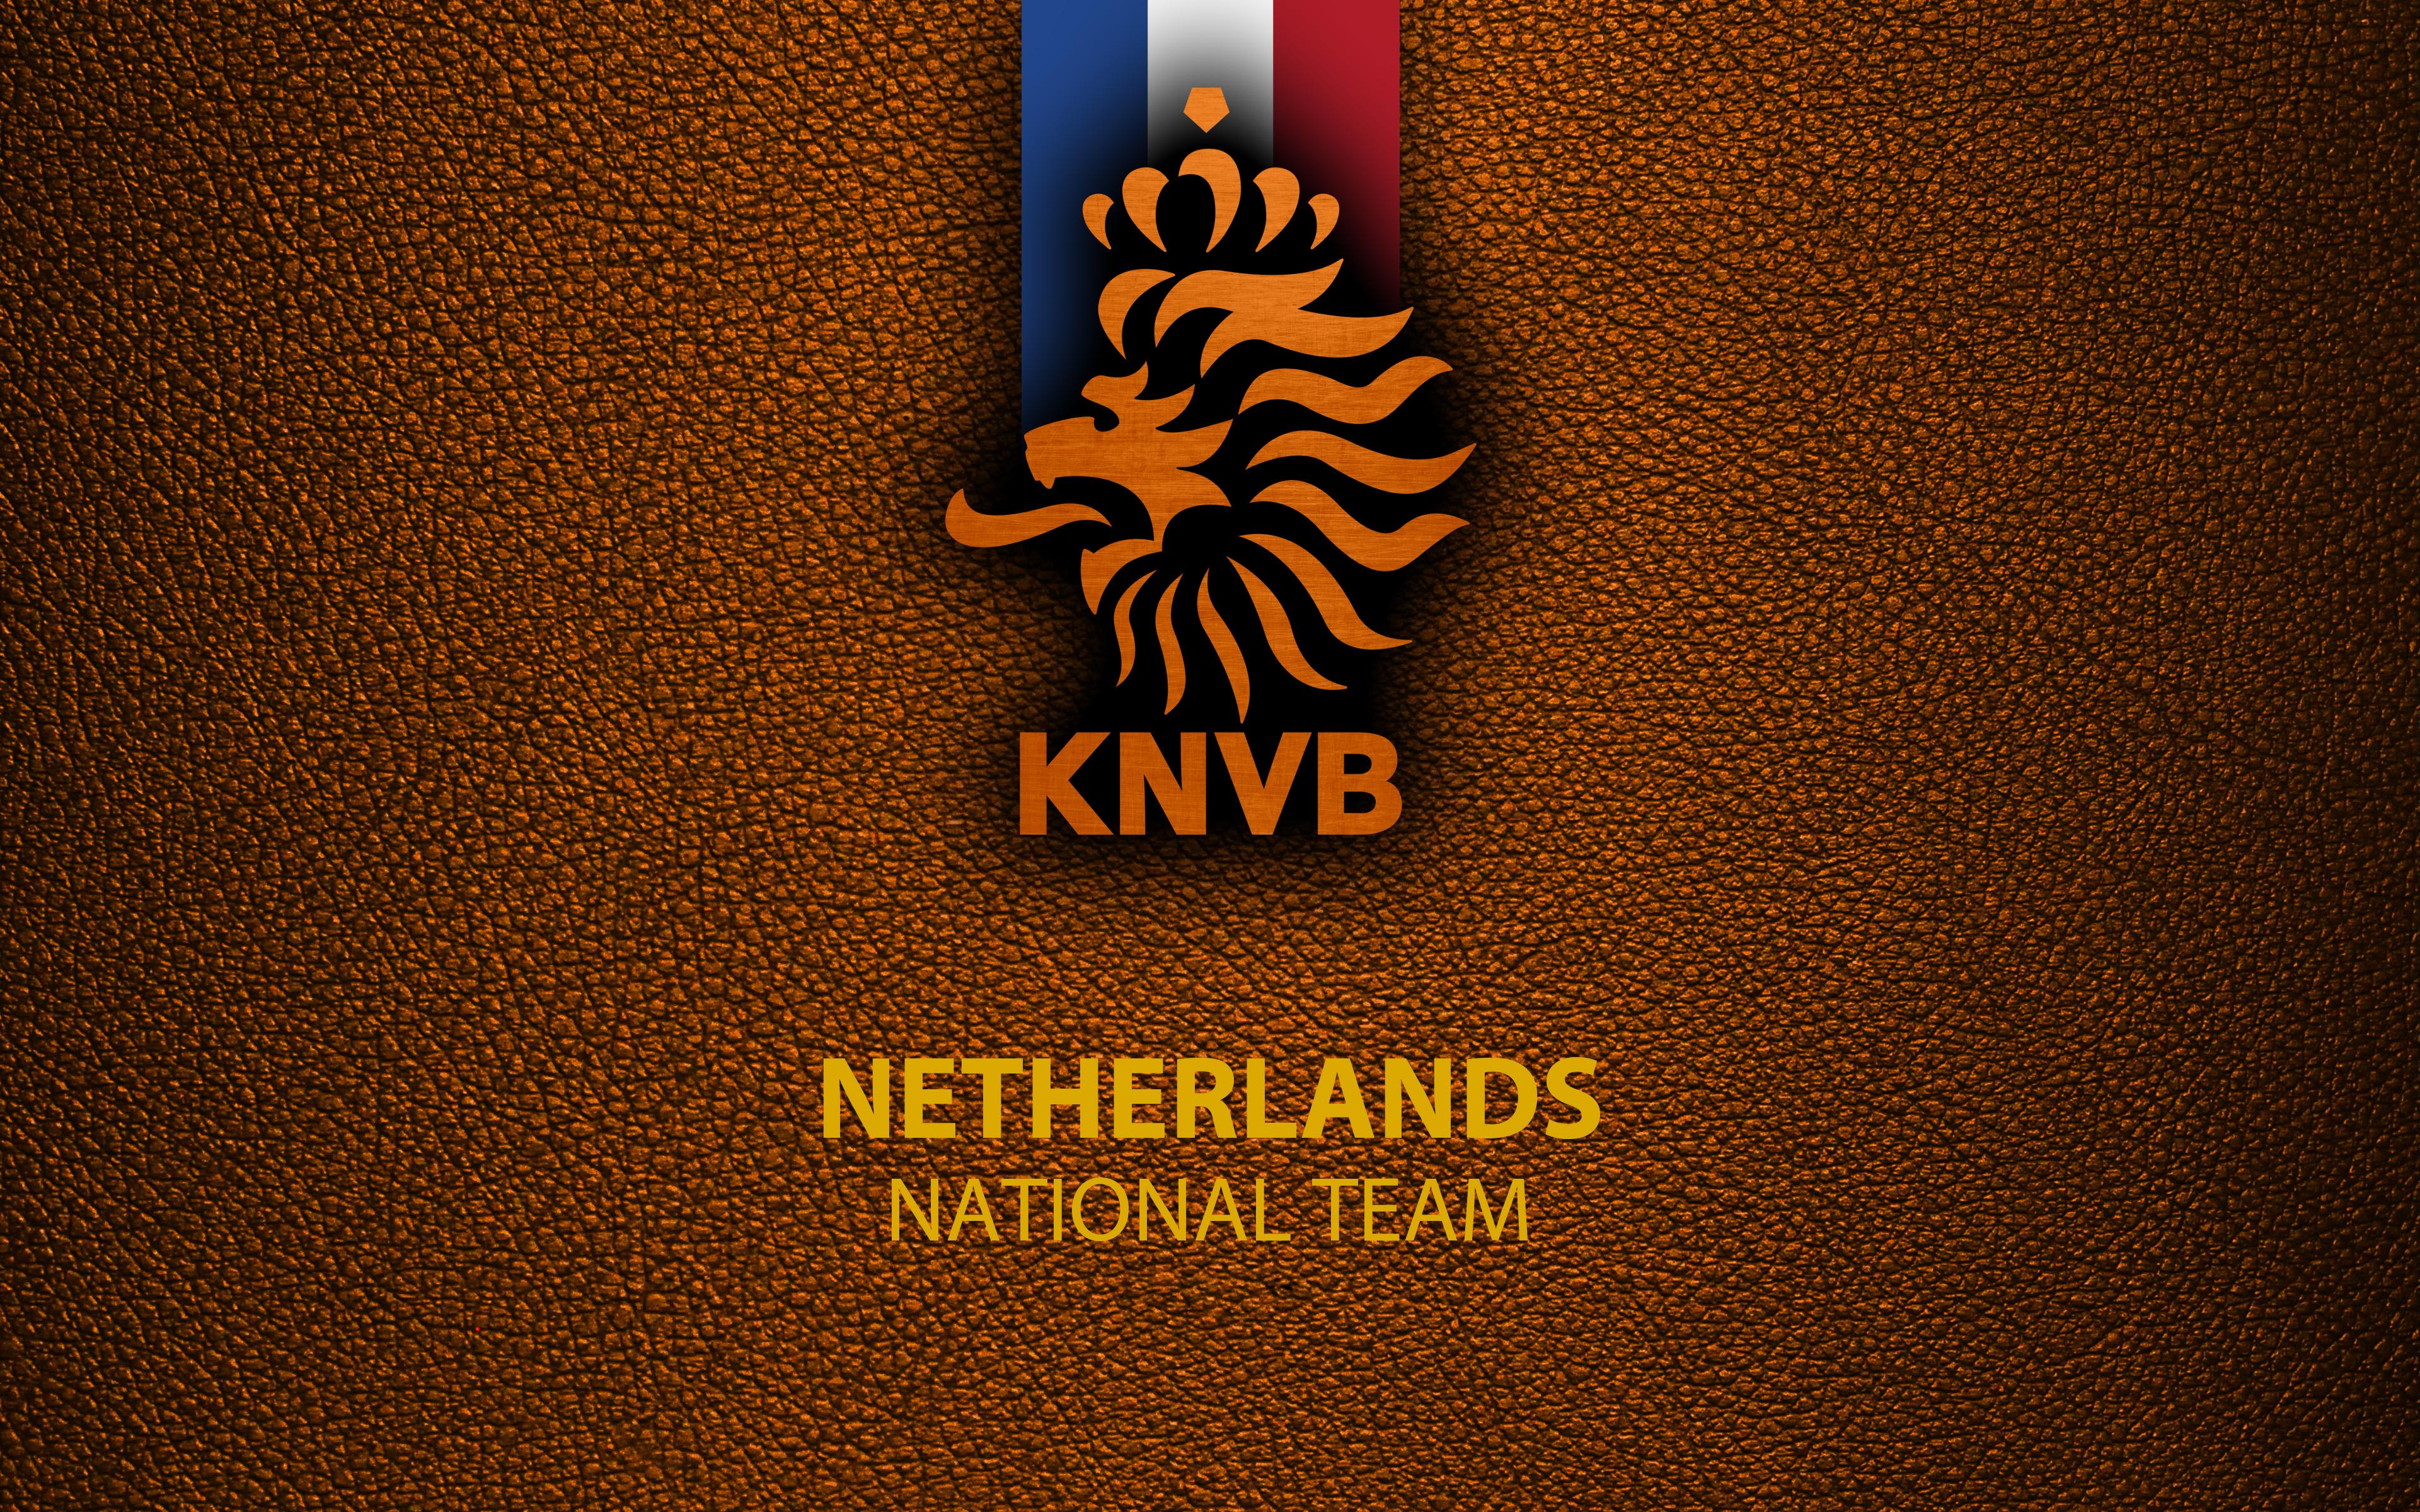 Netherlands National Football Team 4k Ultra HD Wallpaper 3840x2400